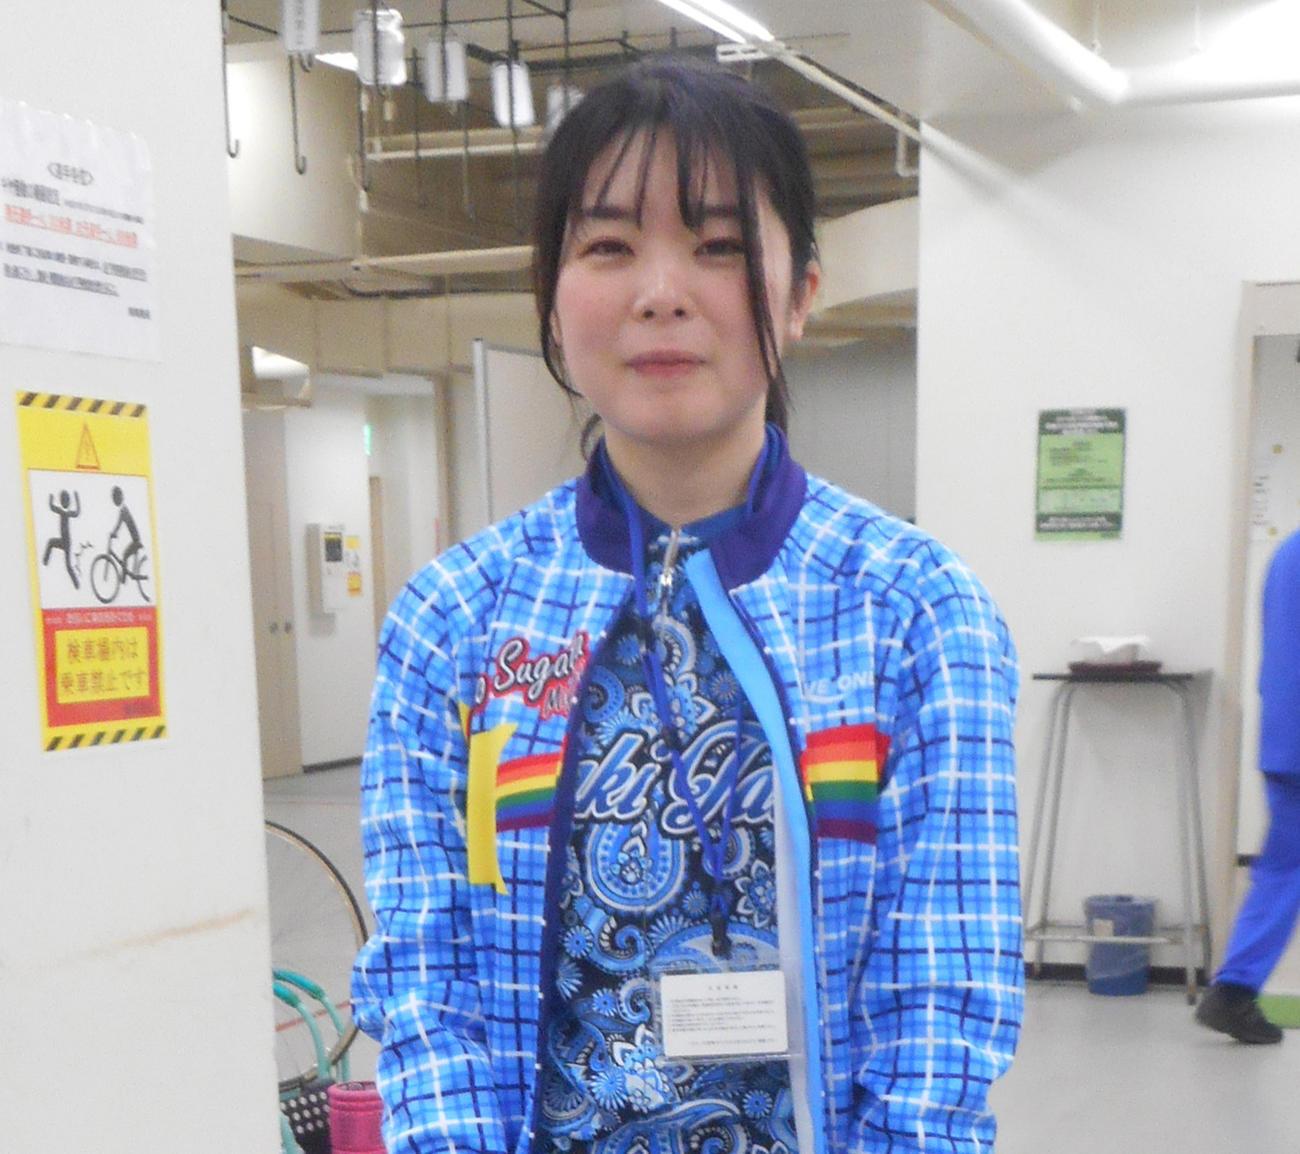 ブログで次回いわき平での引退を報告した菅田賀子は今開催も全力で上位を狙う(撮影・岡田晋)